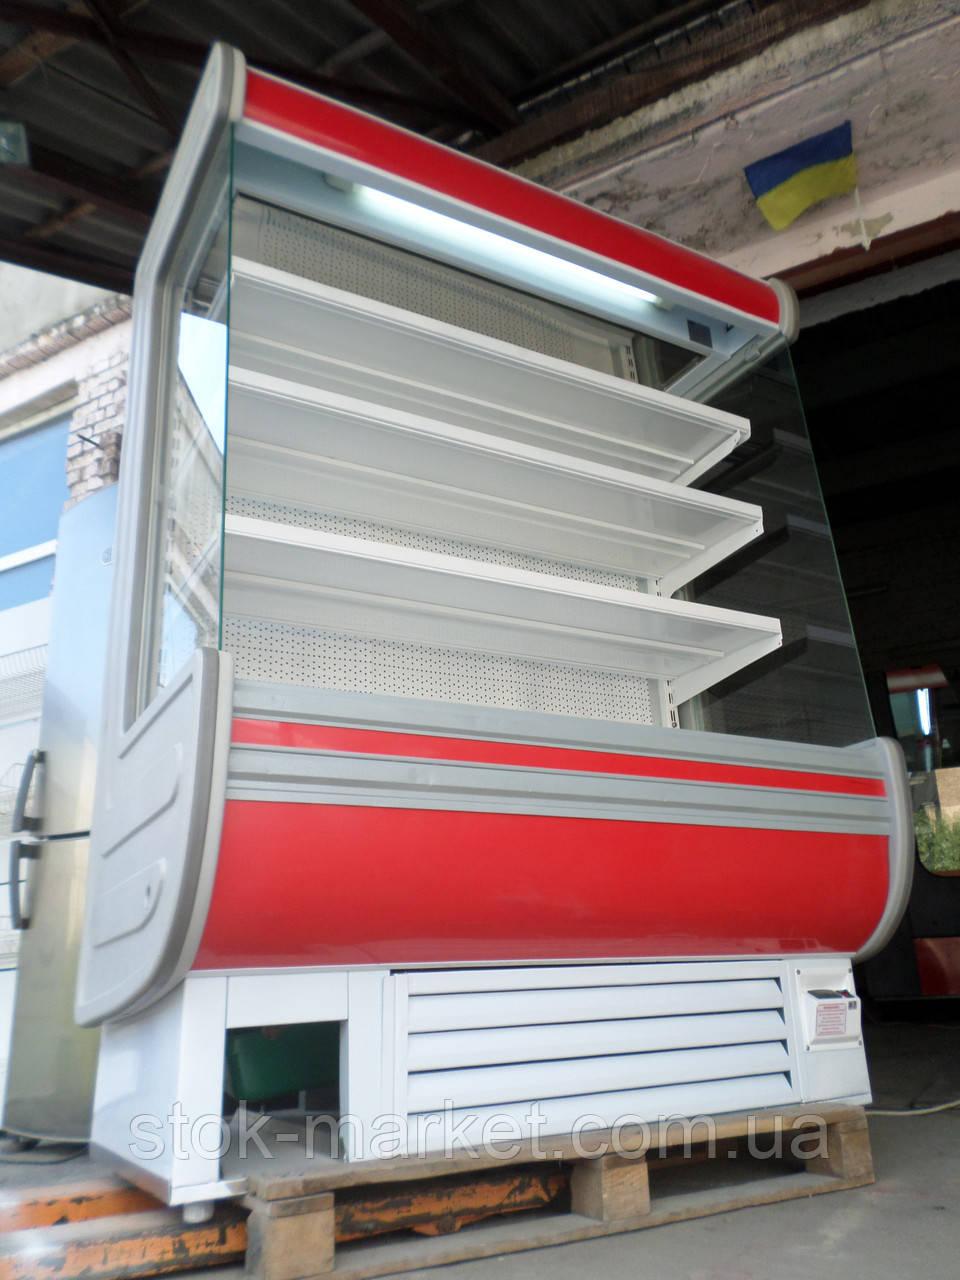 Холодильная горка Технохолод Аризона 1,5 м. б/у, холодильный регал б у, горка холодильная б у, регал б у.